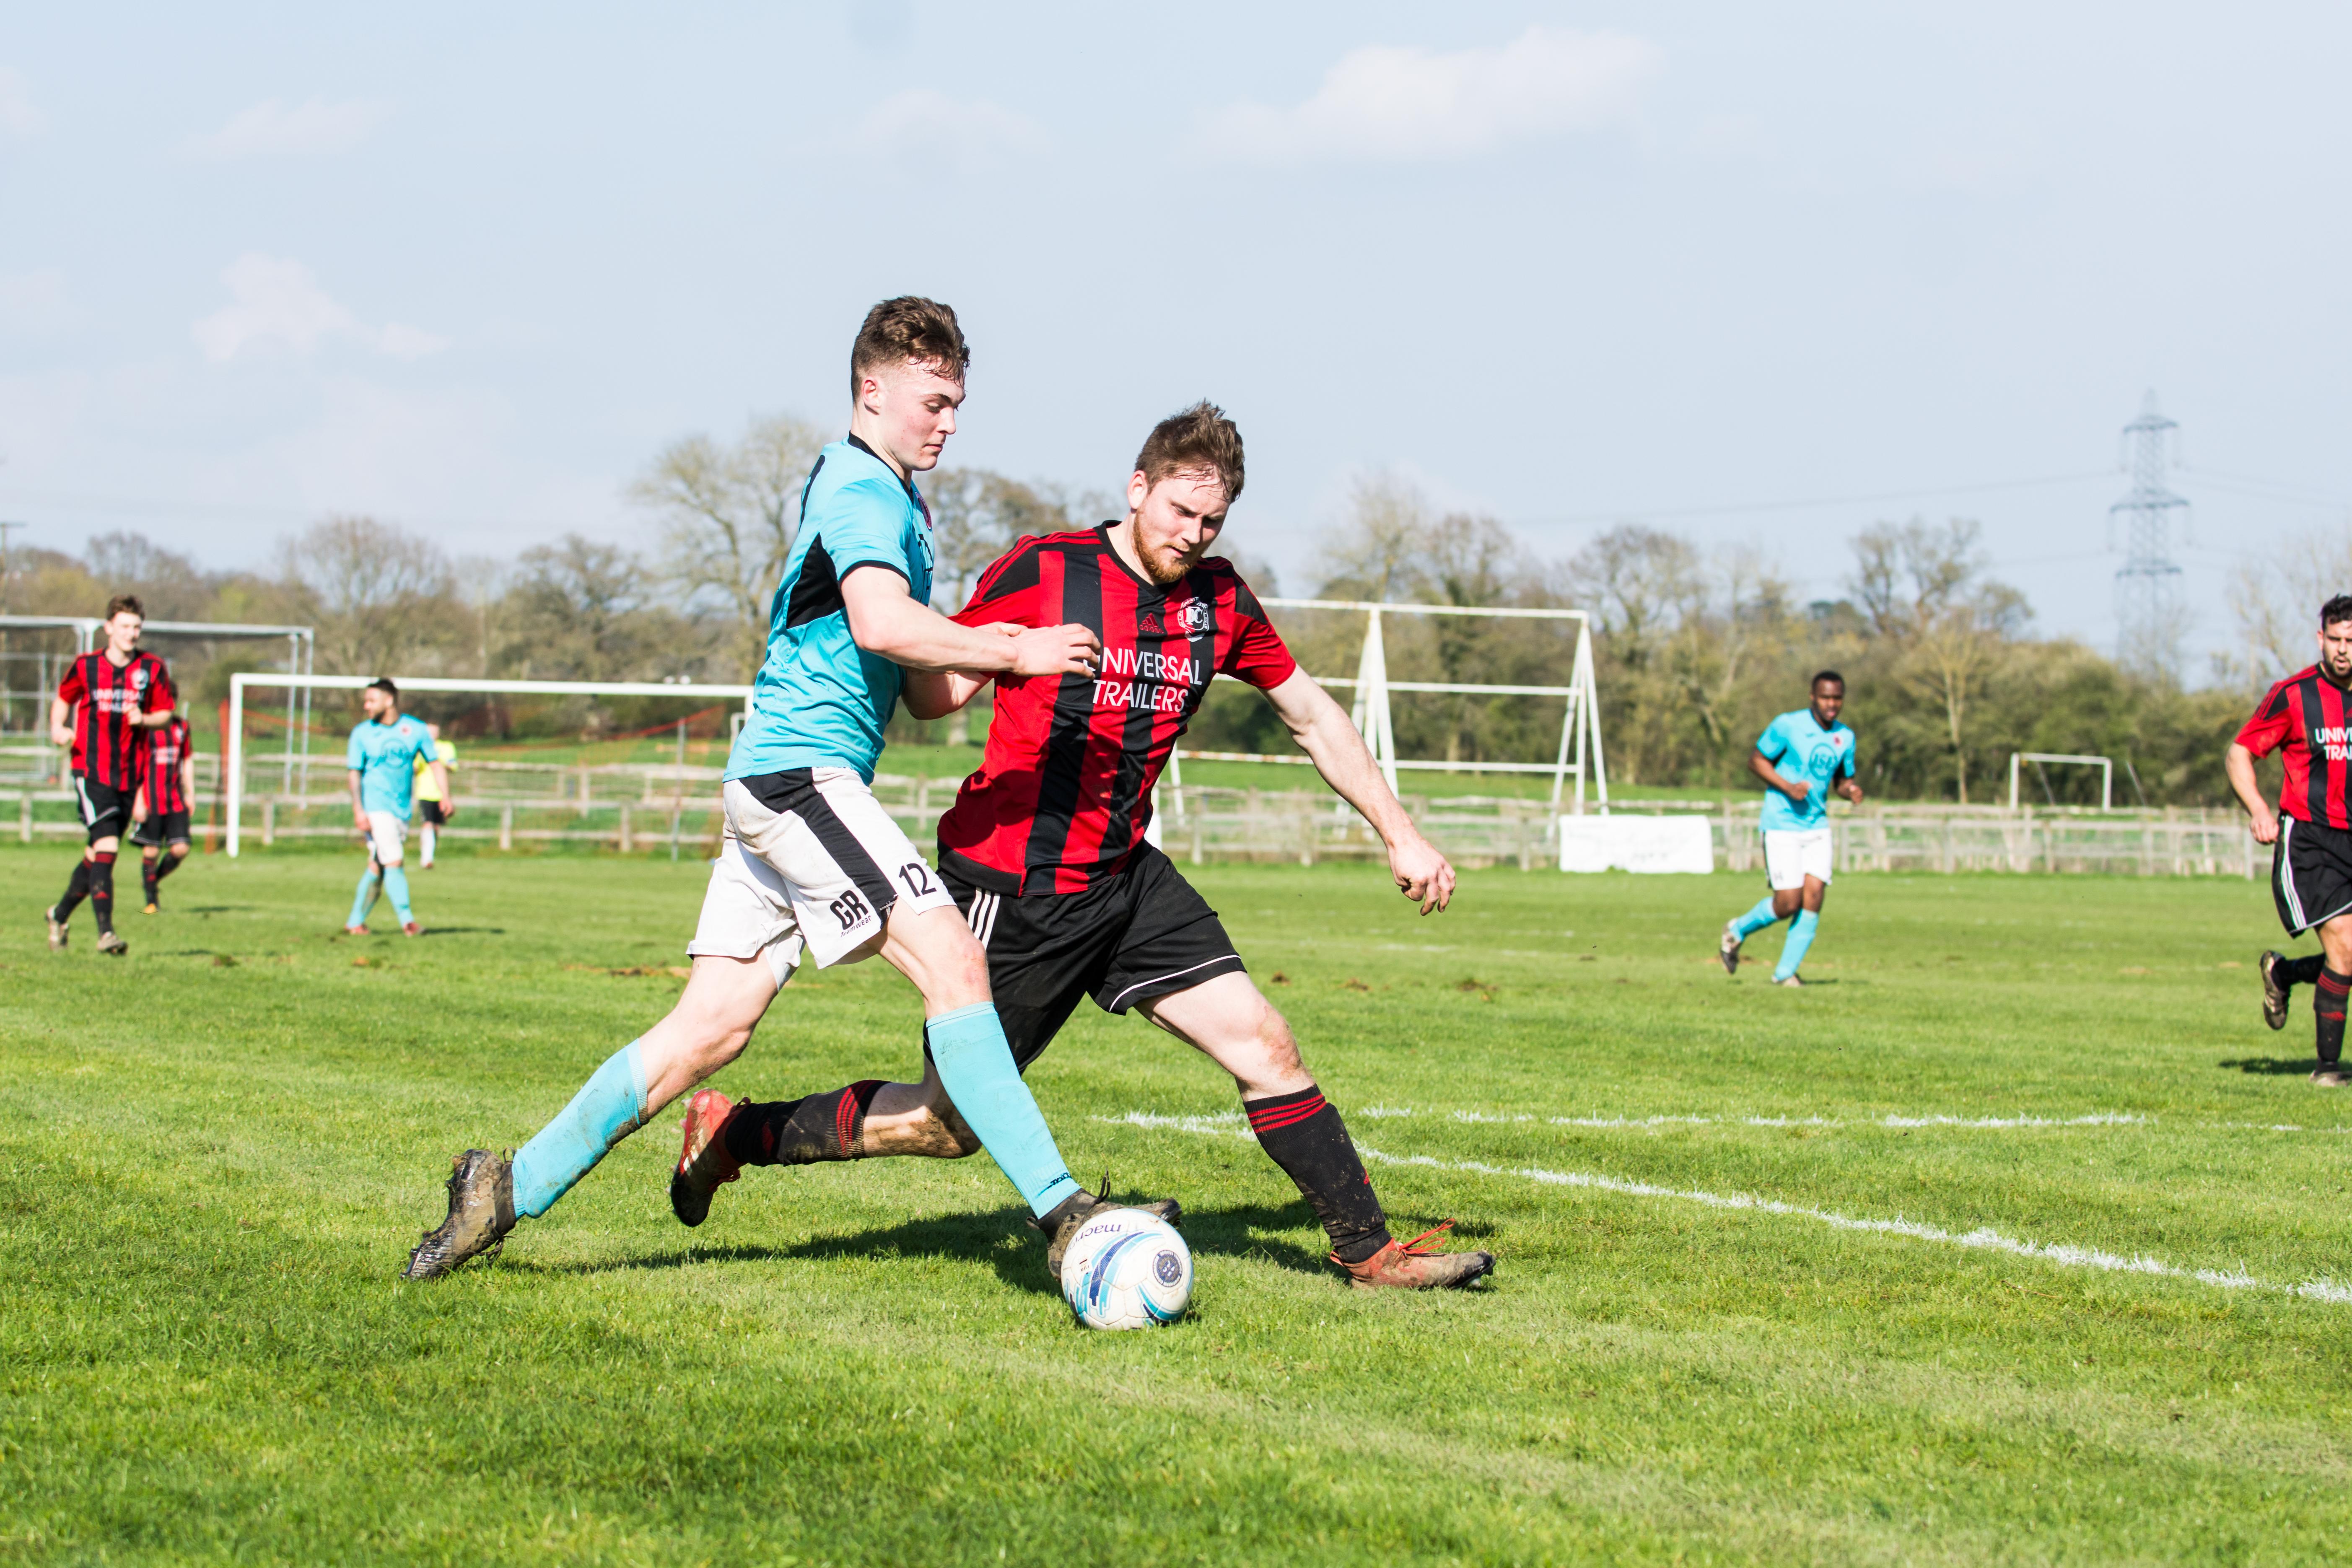 DAVID_JEFFERY Billingshurst FC vs AFC Varndeanians 14.04.18 131